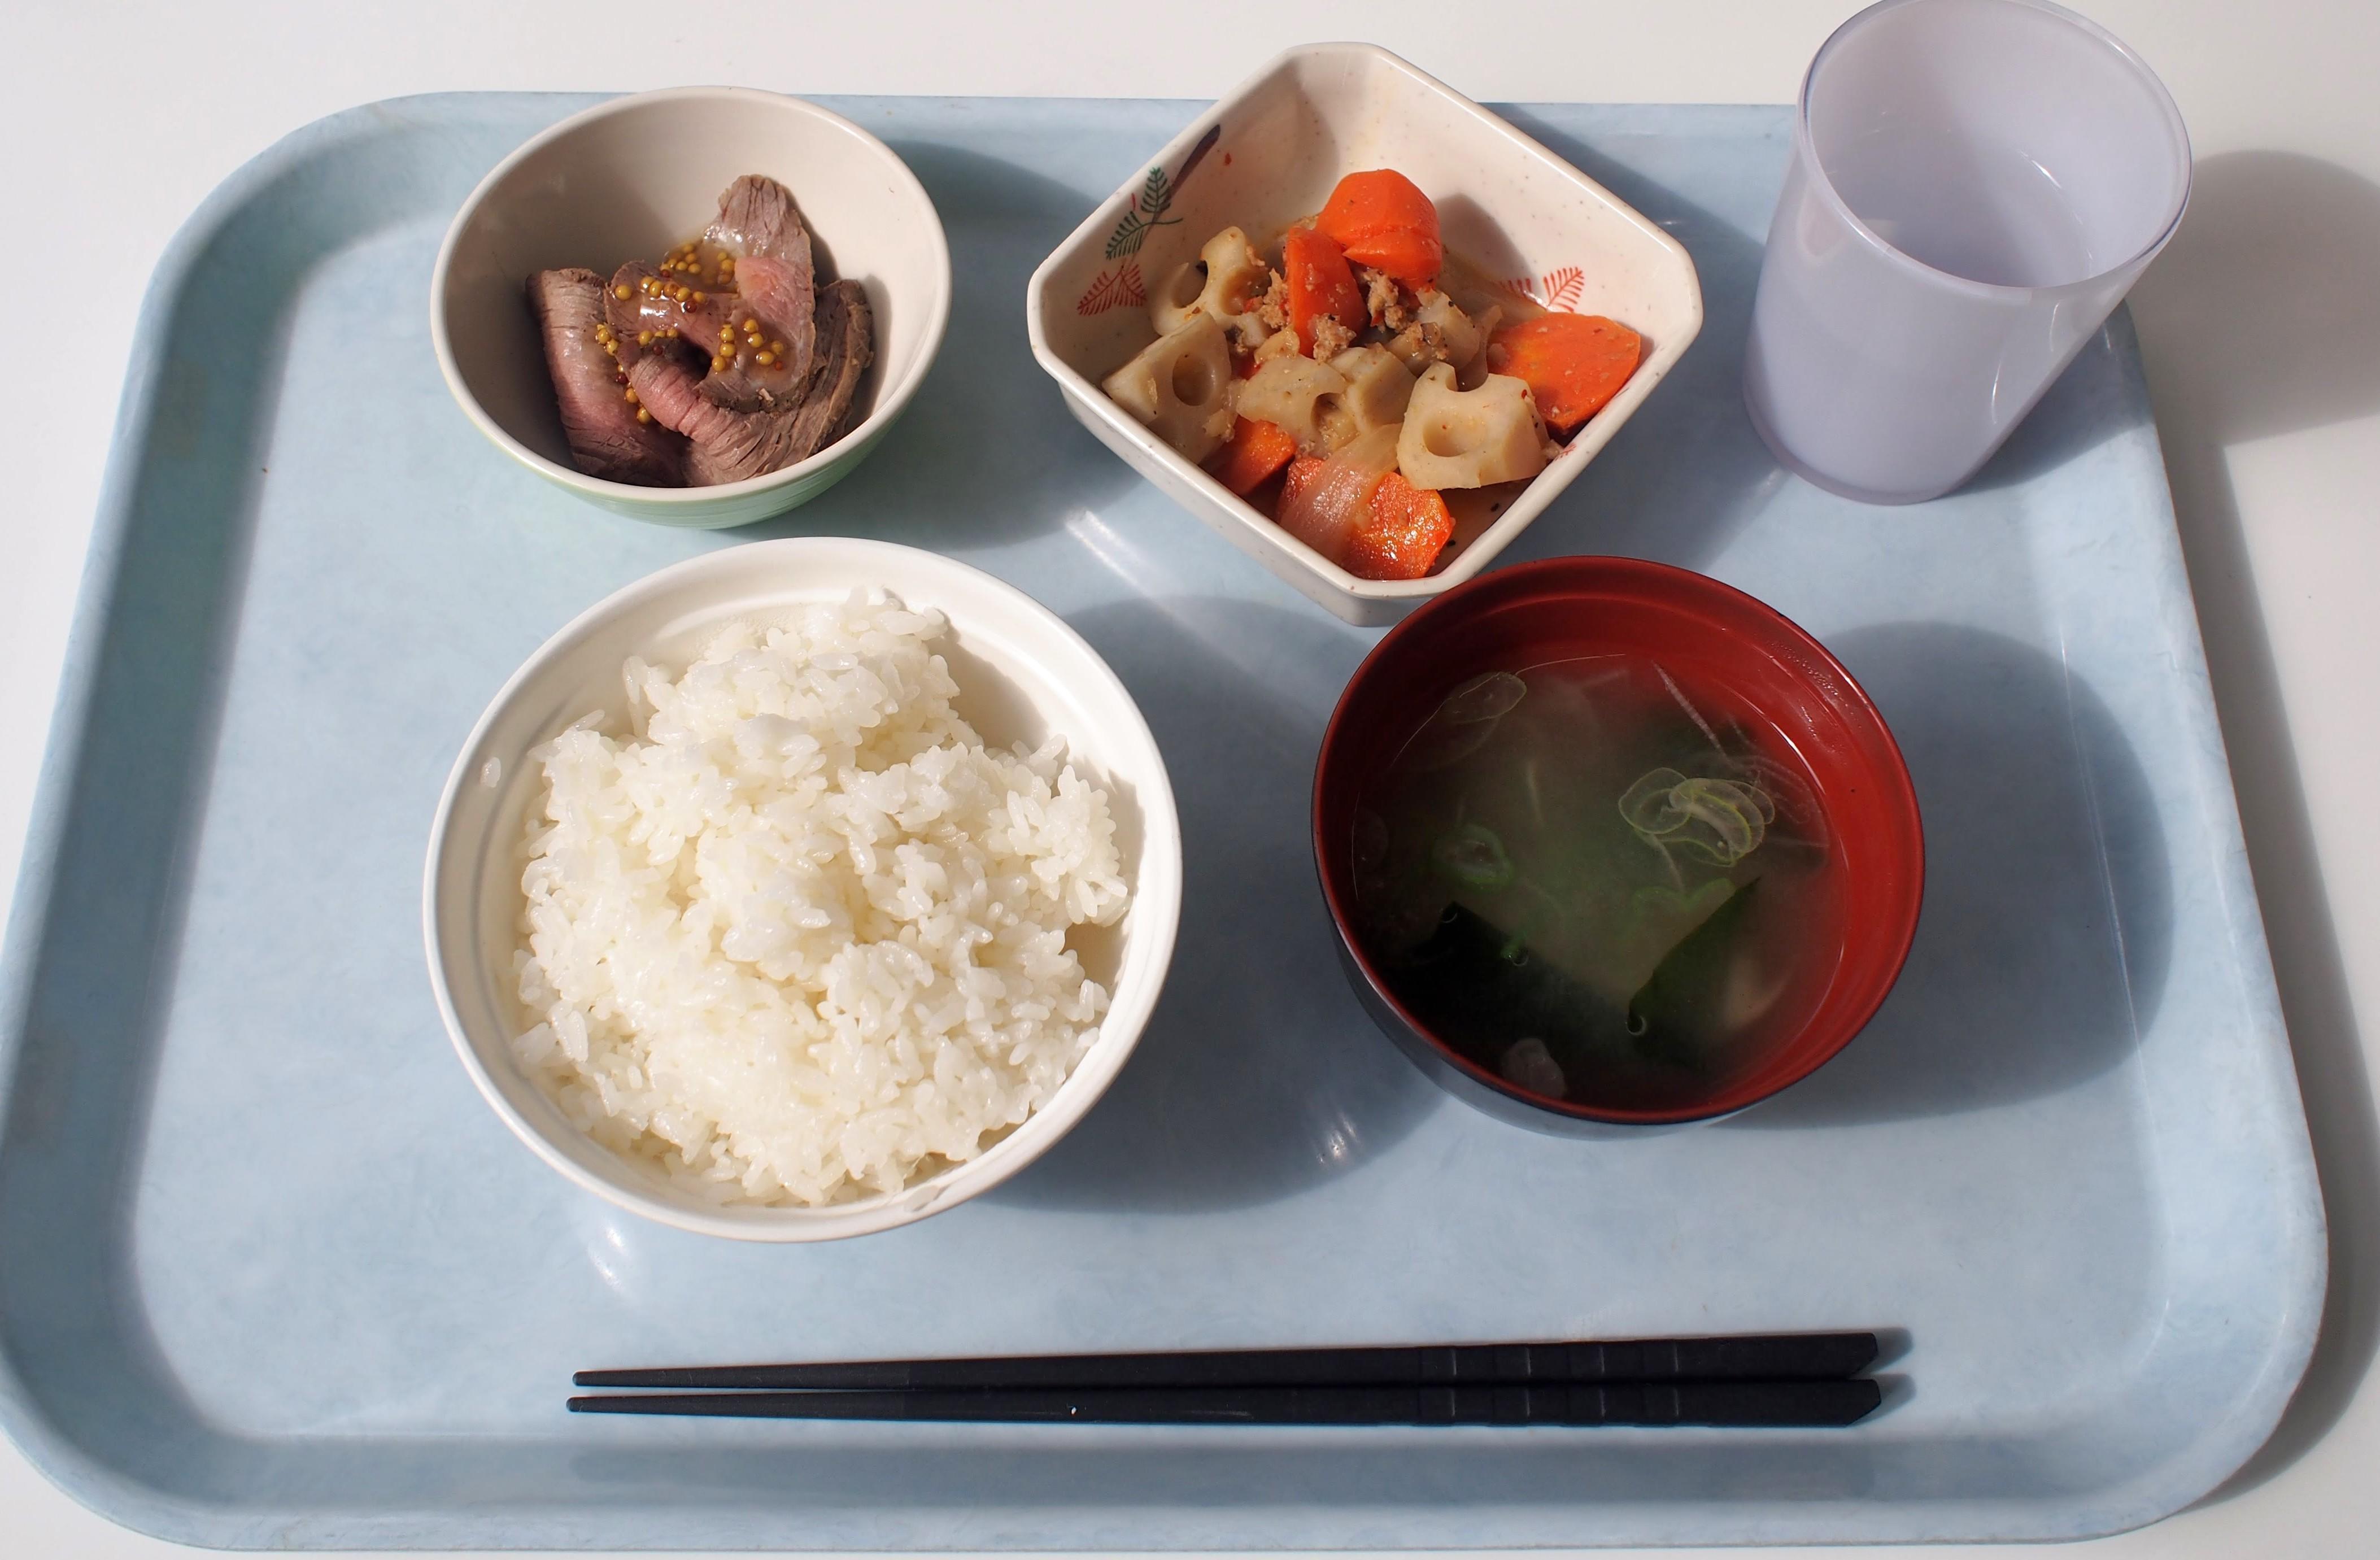 健康第一!昭和定食 学生食堂「ソフィア」で朝ごはんの提供を始めました -- 昭和女子大学